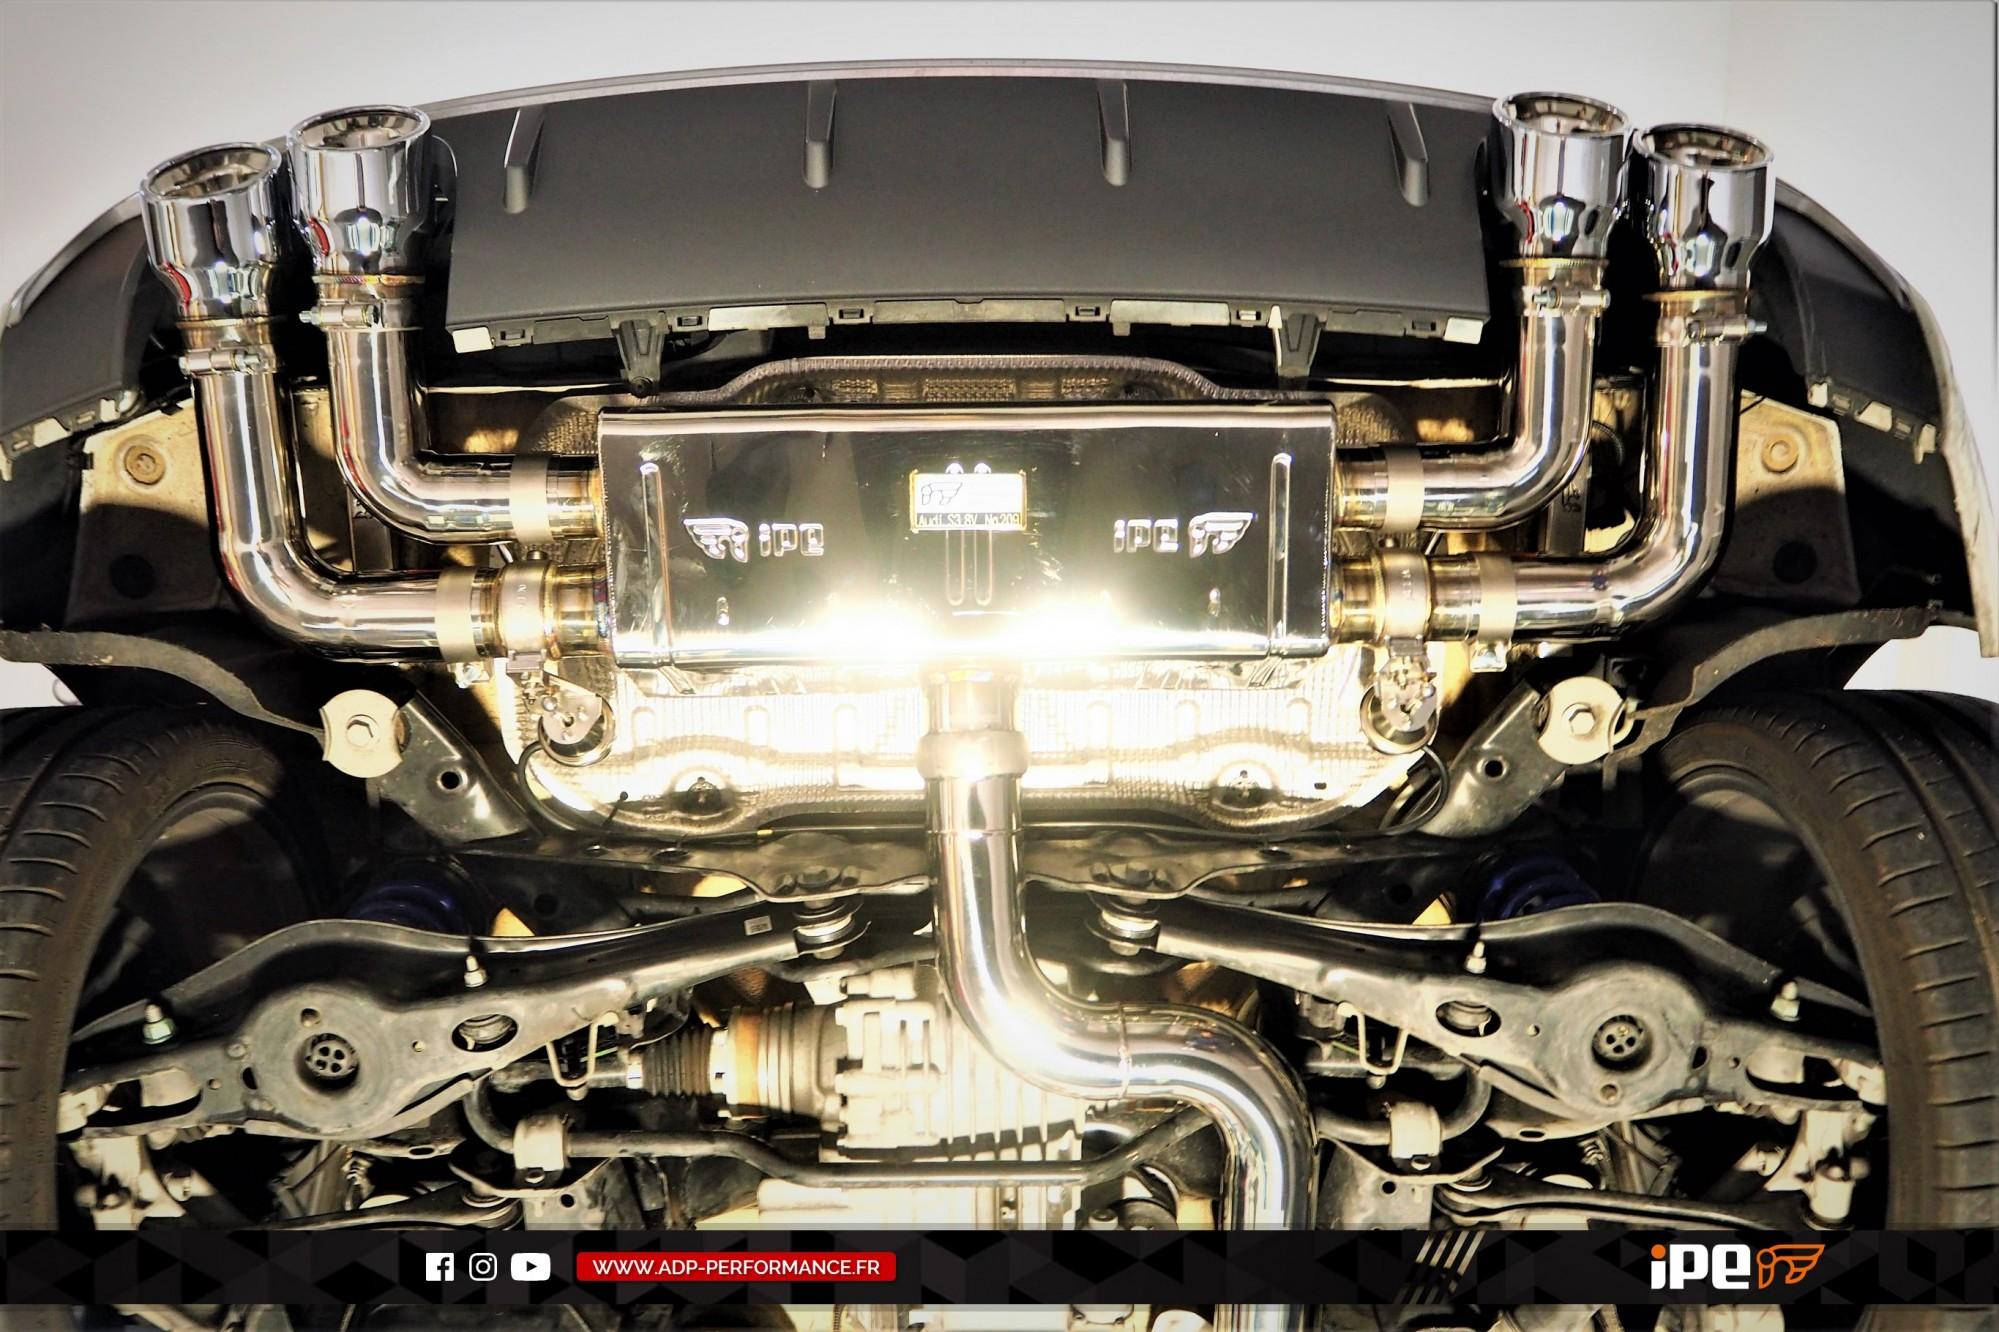 Ligne d'échappement (cat-back) iPE Innotech Le Pontet - Audi S3 8V - ADP Performance